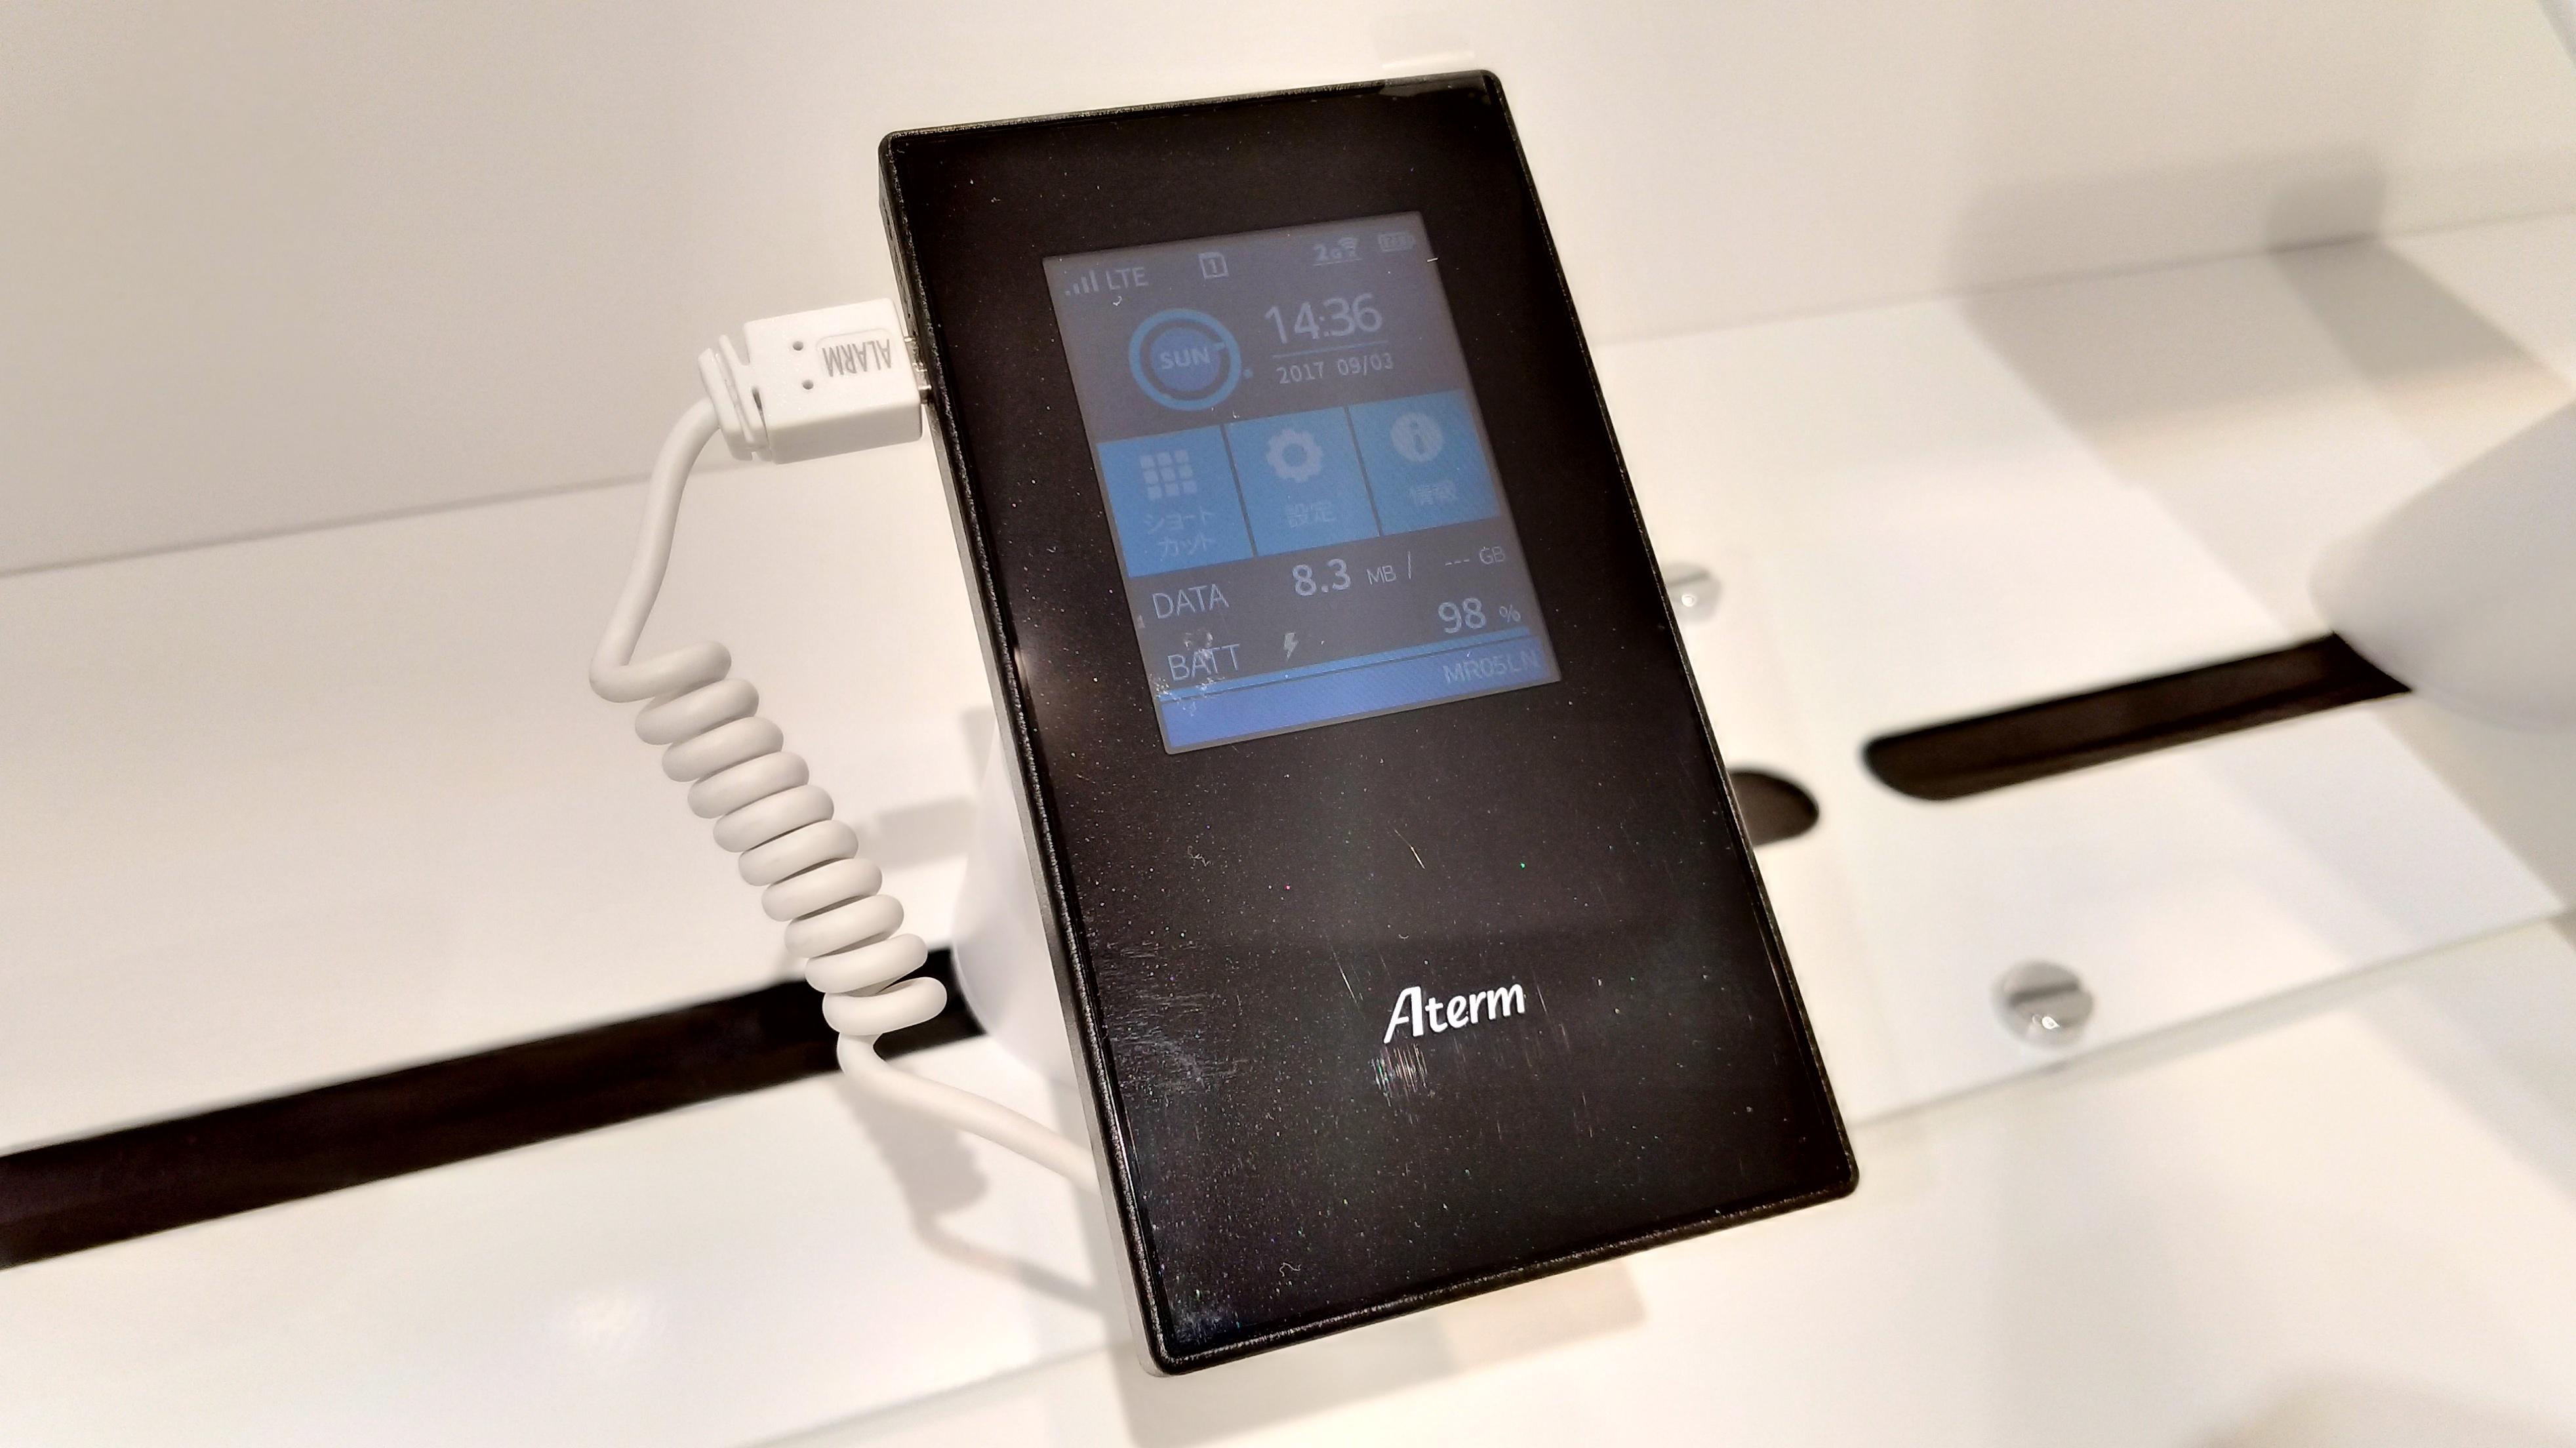 ドコモ・au回線用モバイルルーター Aterm® MR05LN by NEC